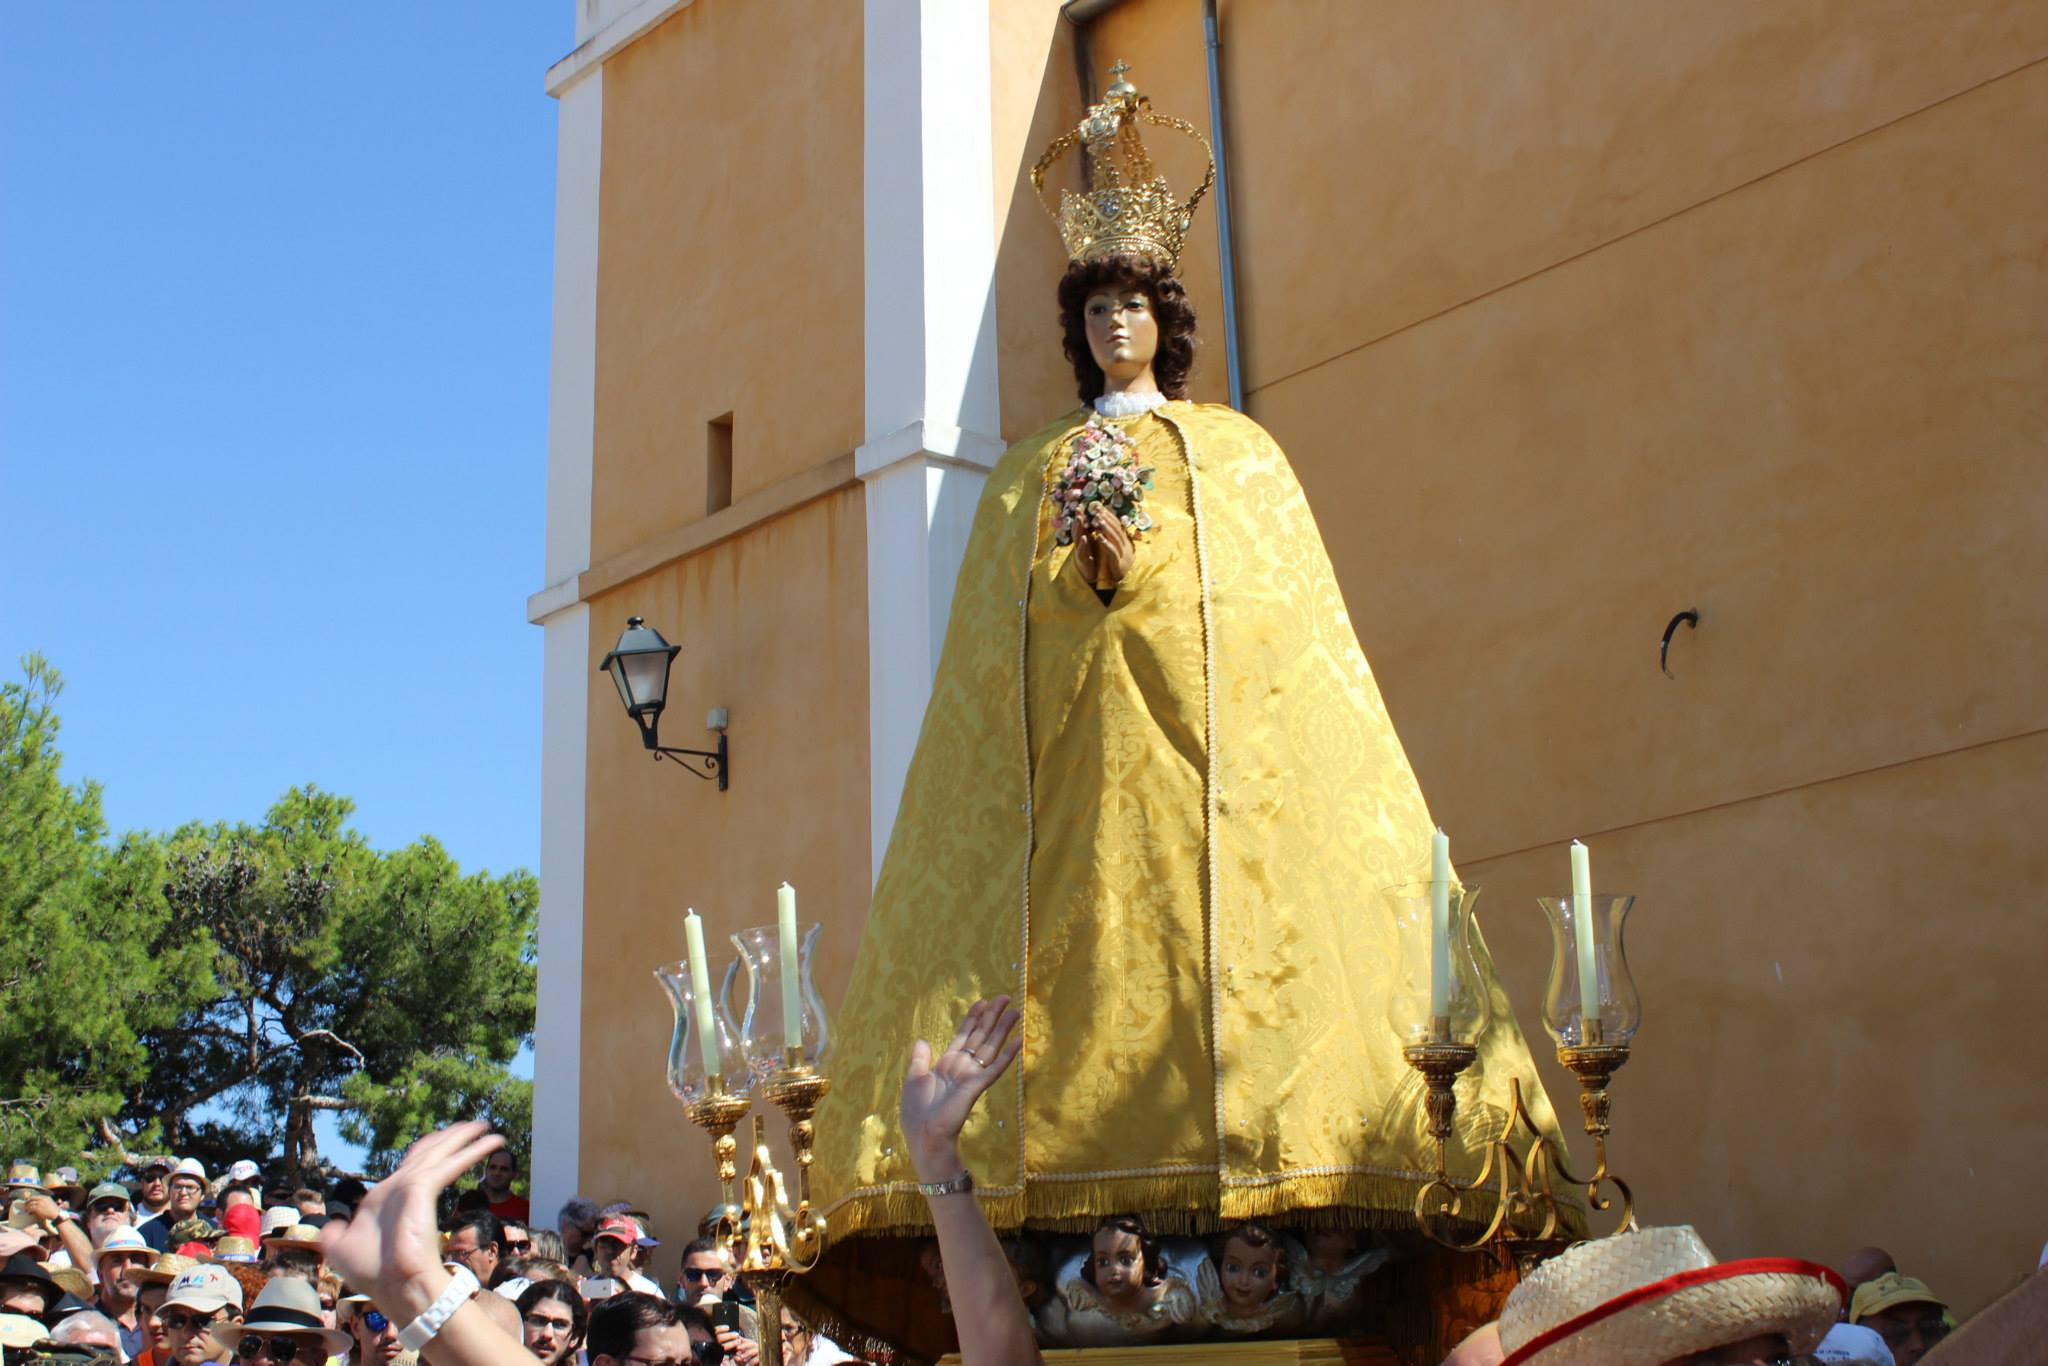 De legende van Hondón de las Nieves